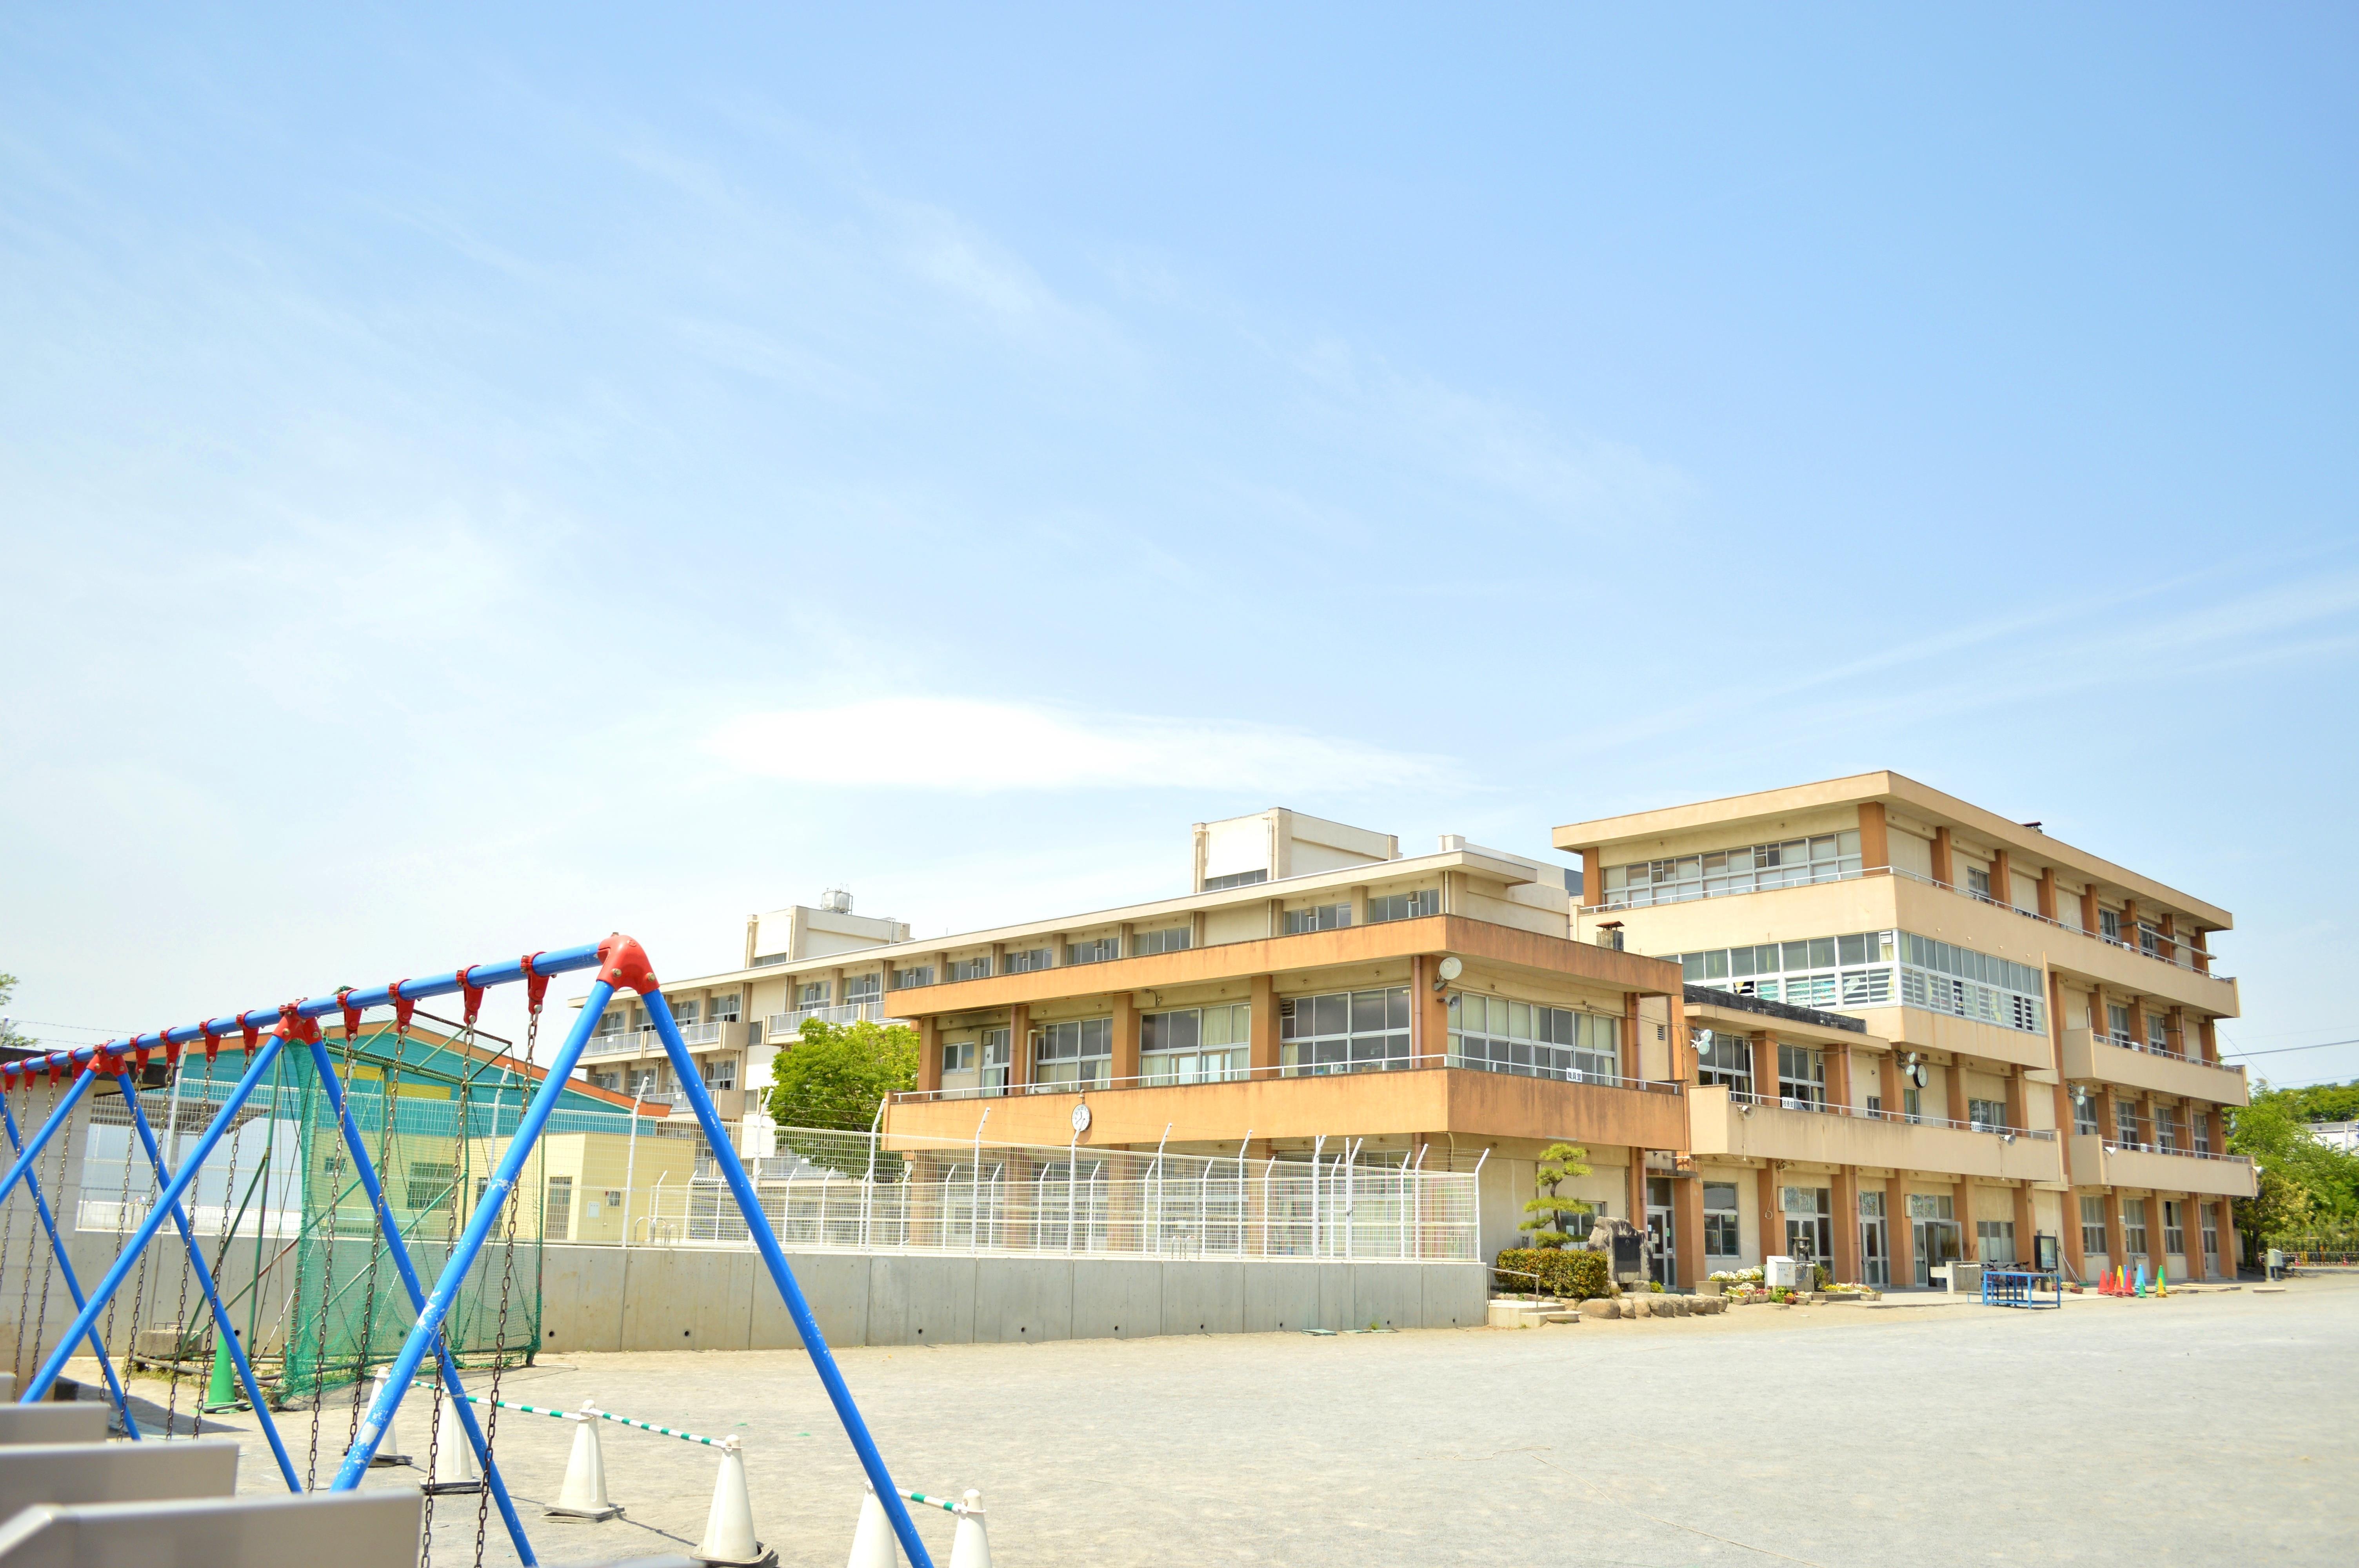 中川小学校(【教育目標】知・徳・体の調和のとれた 人間性豊かな たくましい児童の育成 〇子ども会育成会の活動等も活発に行われています。)